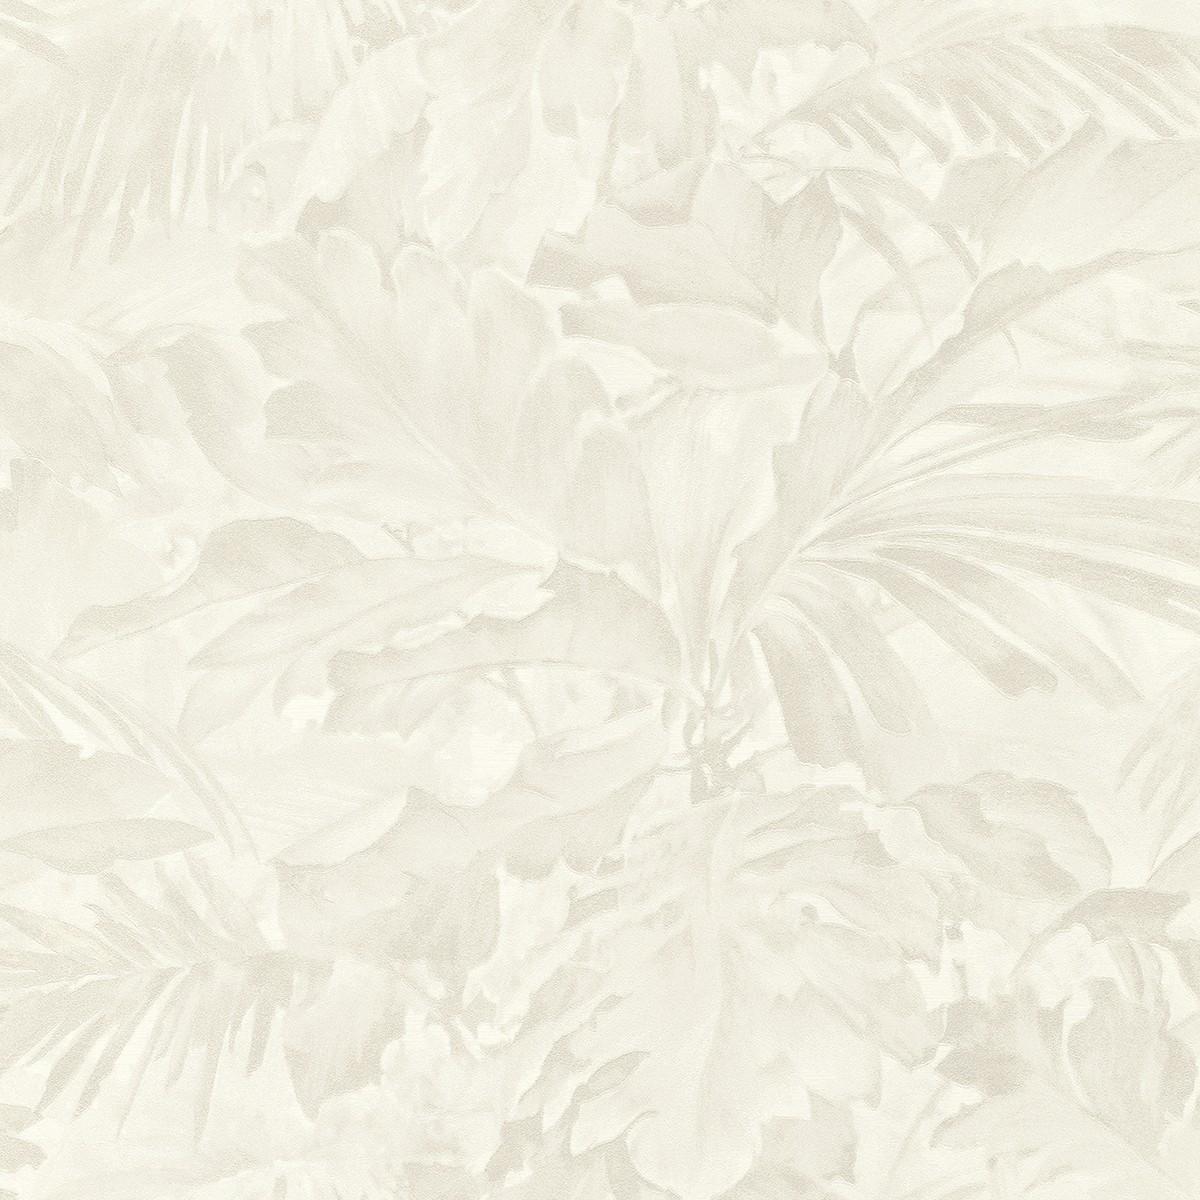 Ταπετσαρία τοίχου Rasch Mandalay 529203 Τροπικά φύλλα μπανάνας 10,05x0,53